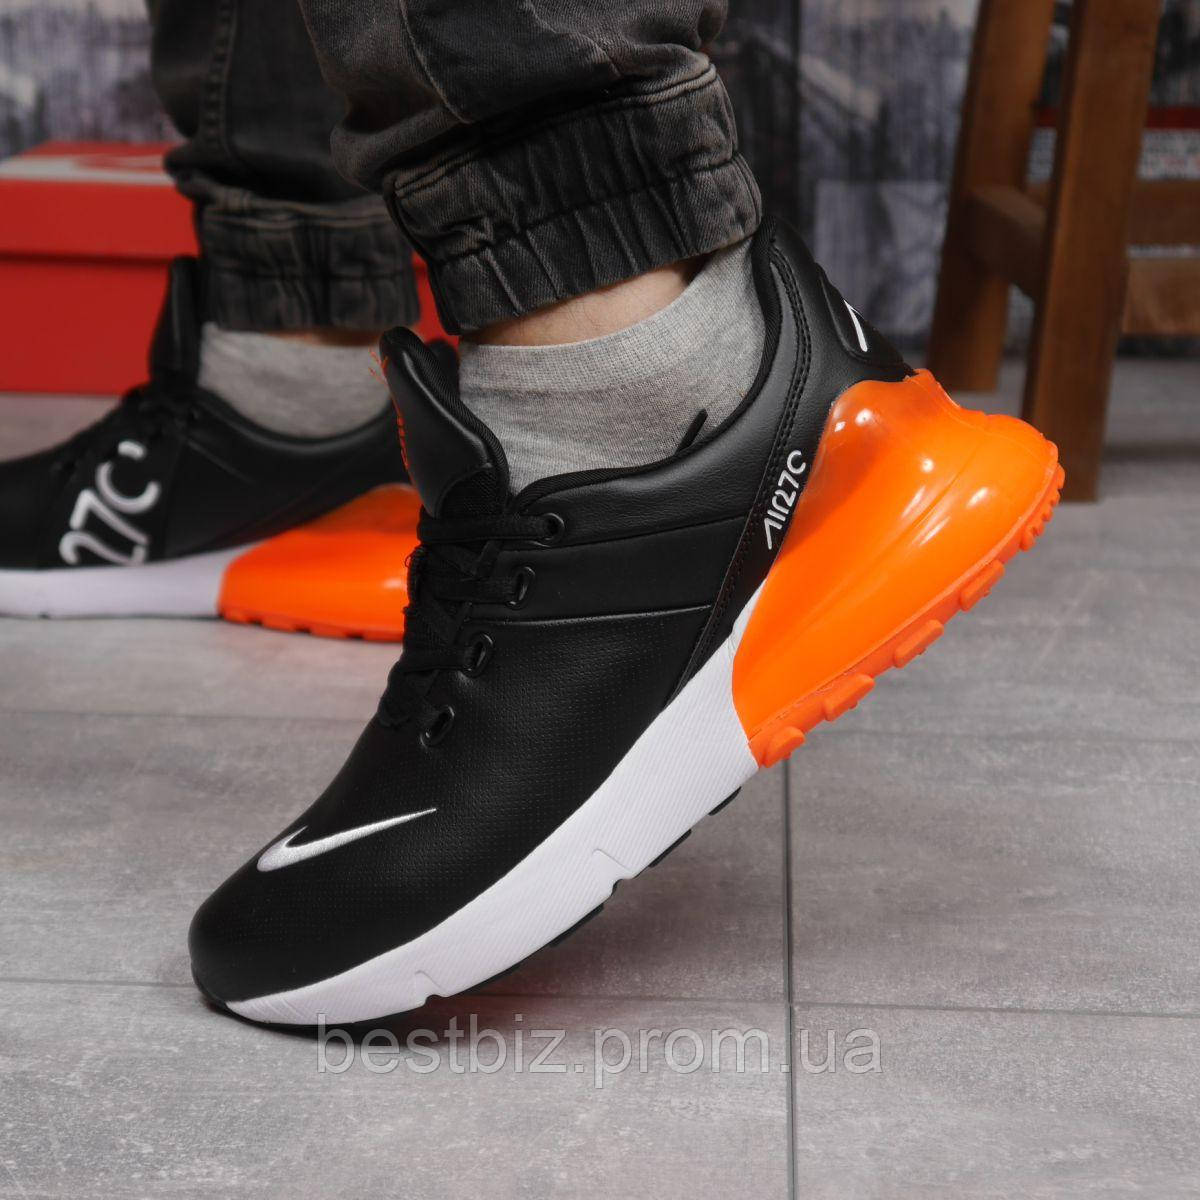 Кросівки чоловічі 15287, Nike Air 270, чорні, [ 42 46 ] р. 41-26,5 див. 42